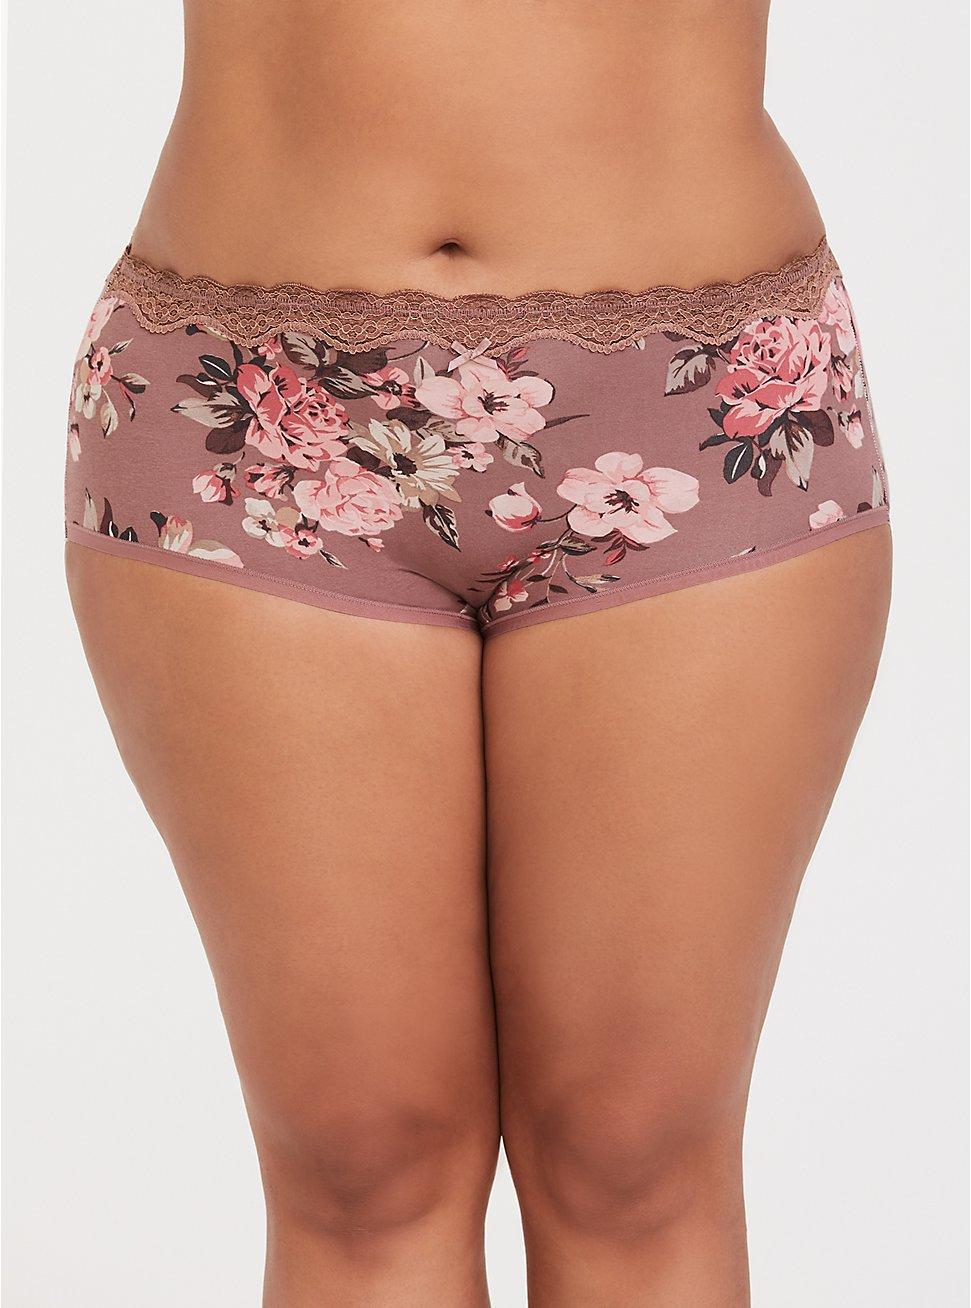 Plus Size Walnut Floral Lace Cotton Brief Panty, FLORALS-NUDE, hi-res